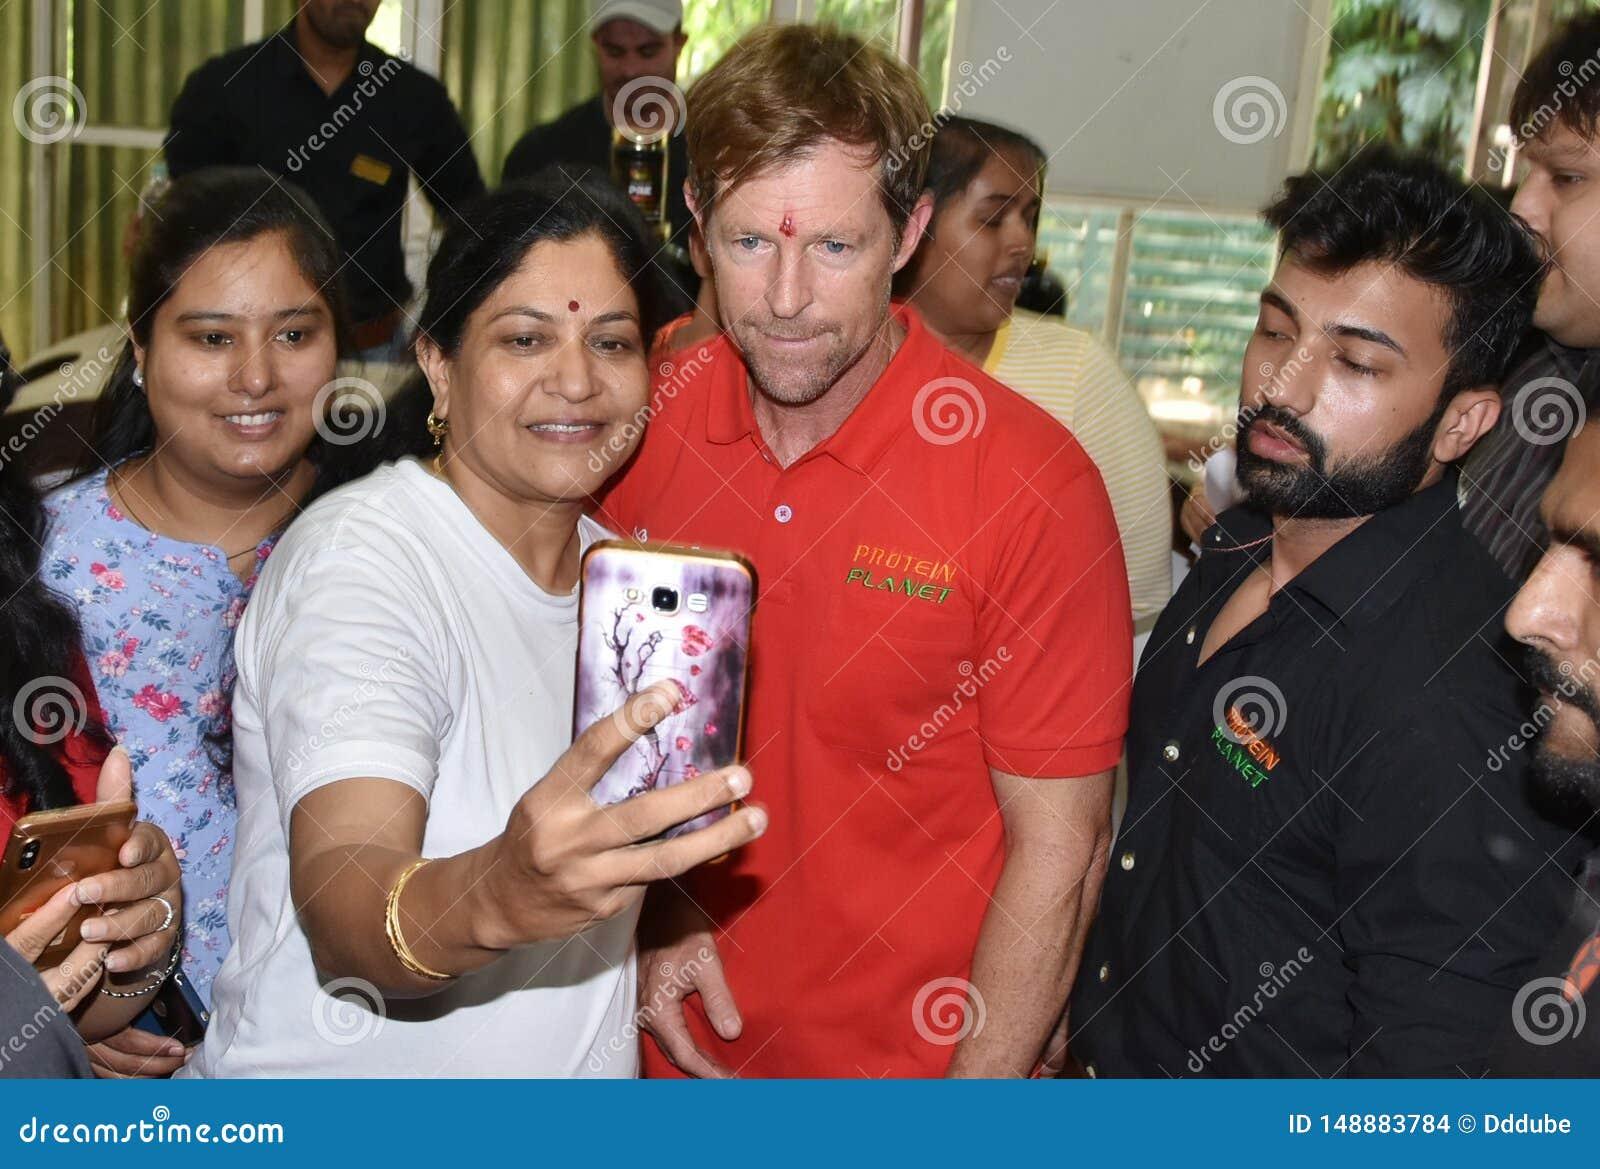 Jonty rhodes visit in Bhopal, India